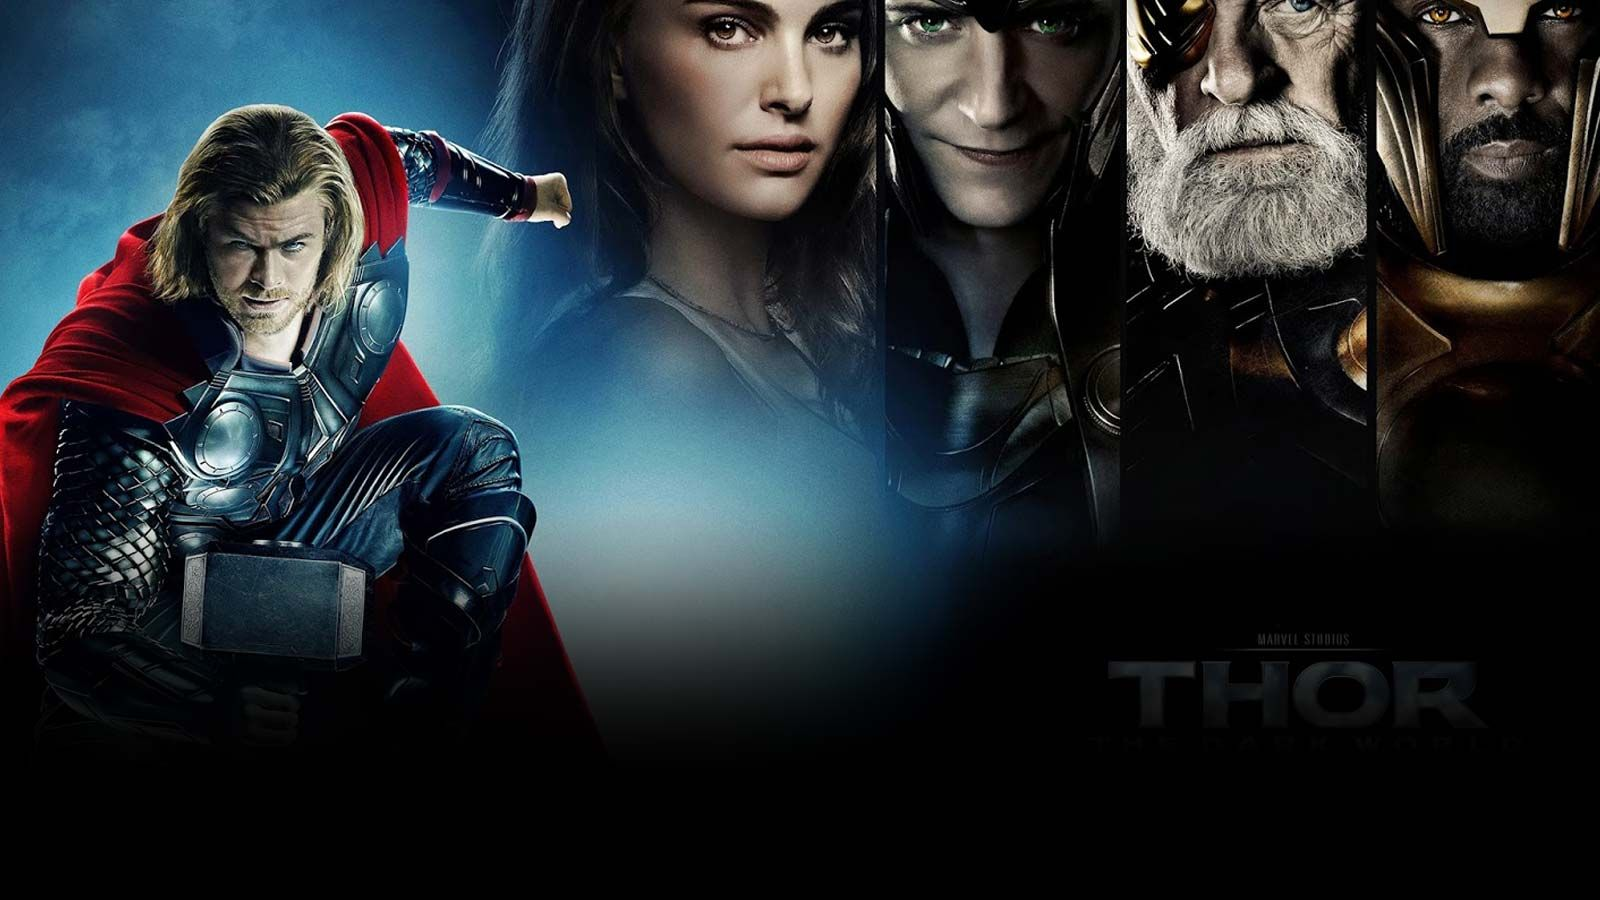 Descargar Thor 2 El Mundo Oscuro Gratis En 1 Link Por Mega Disfruta De Peliculas Con Excelente Calidad Sin Registrar Thor Characters The Dark World Thor 2011